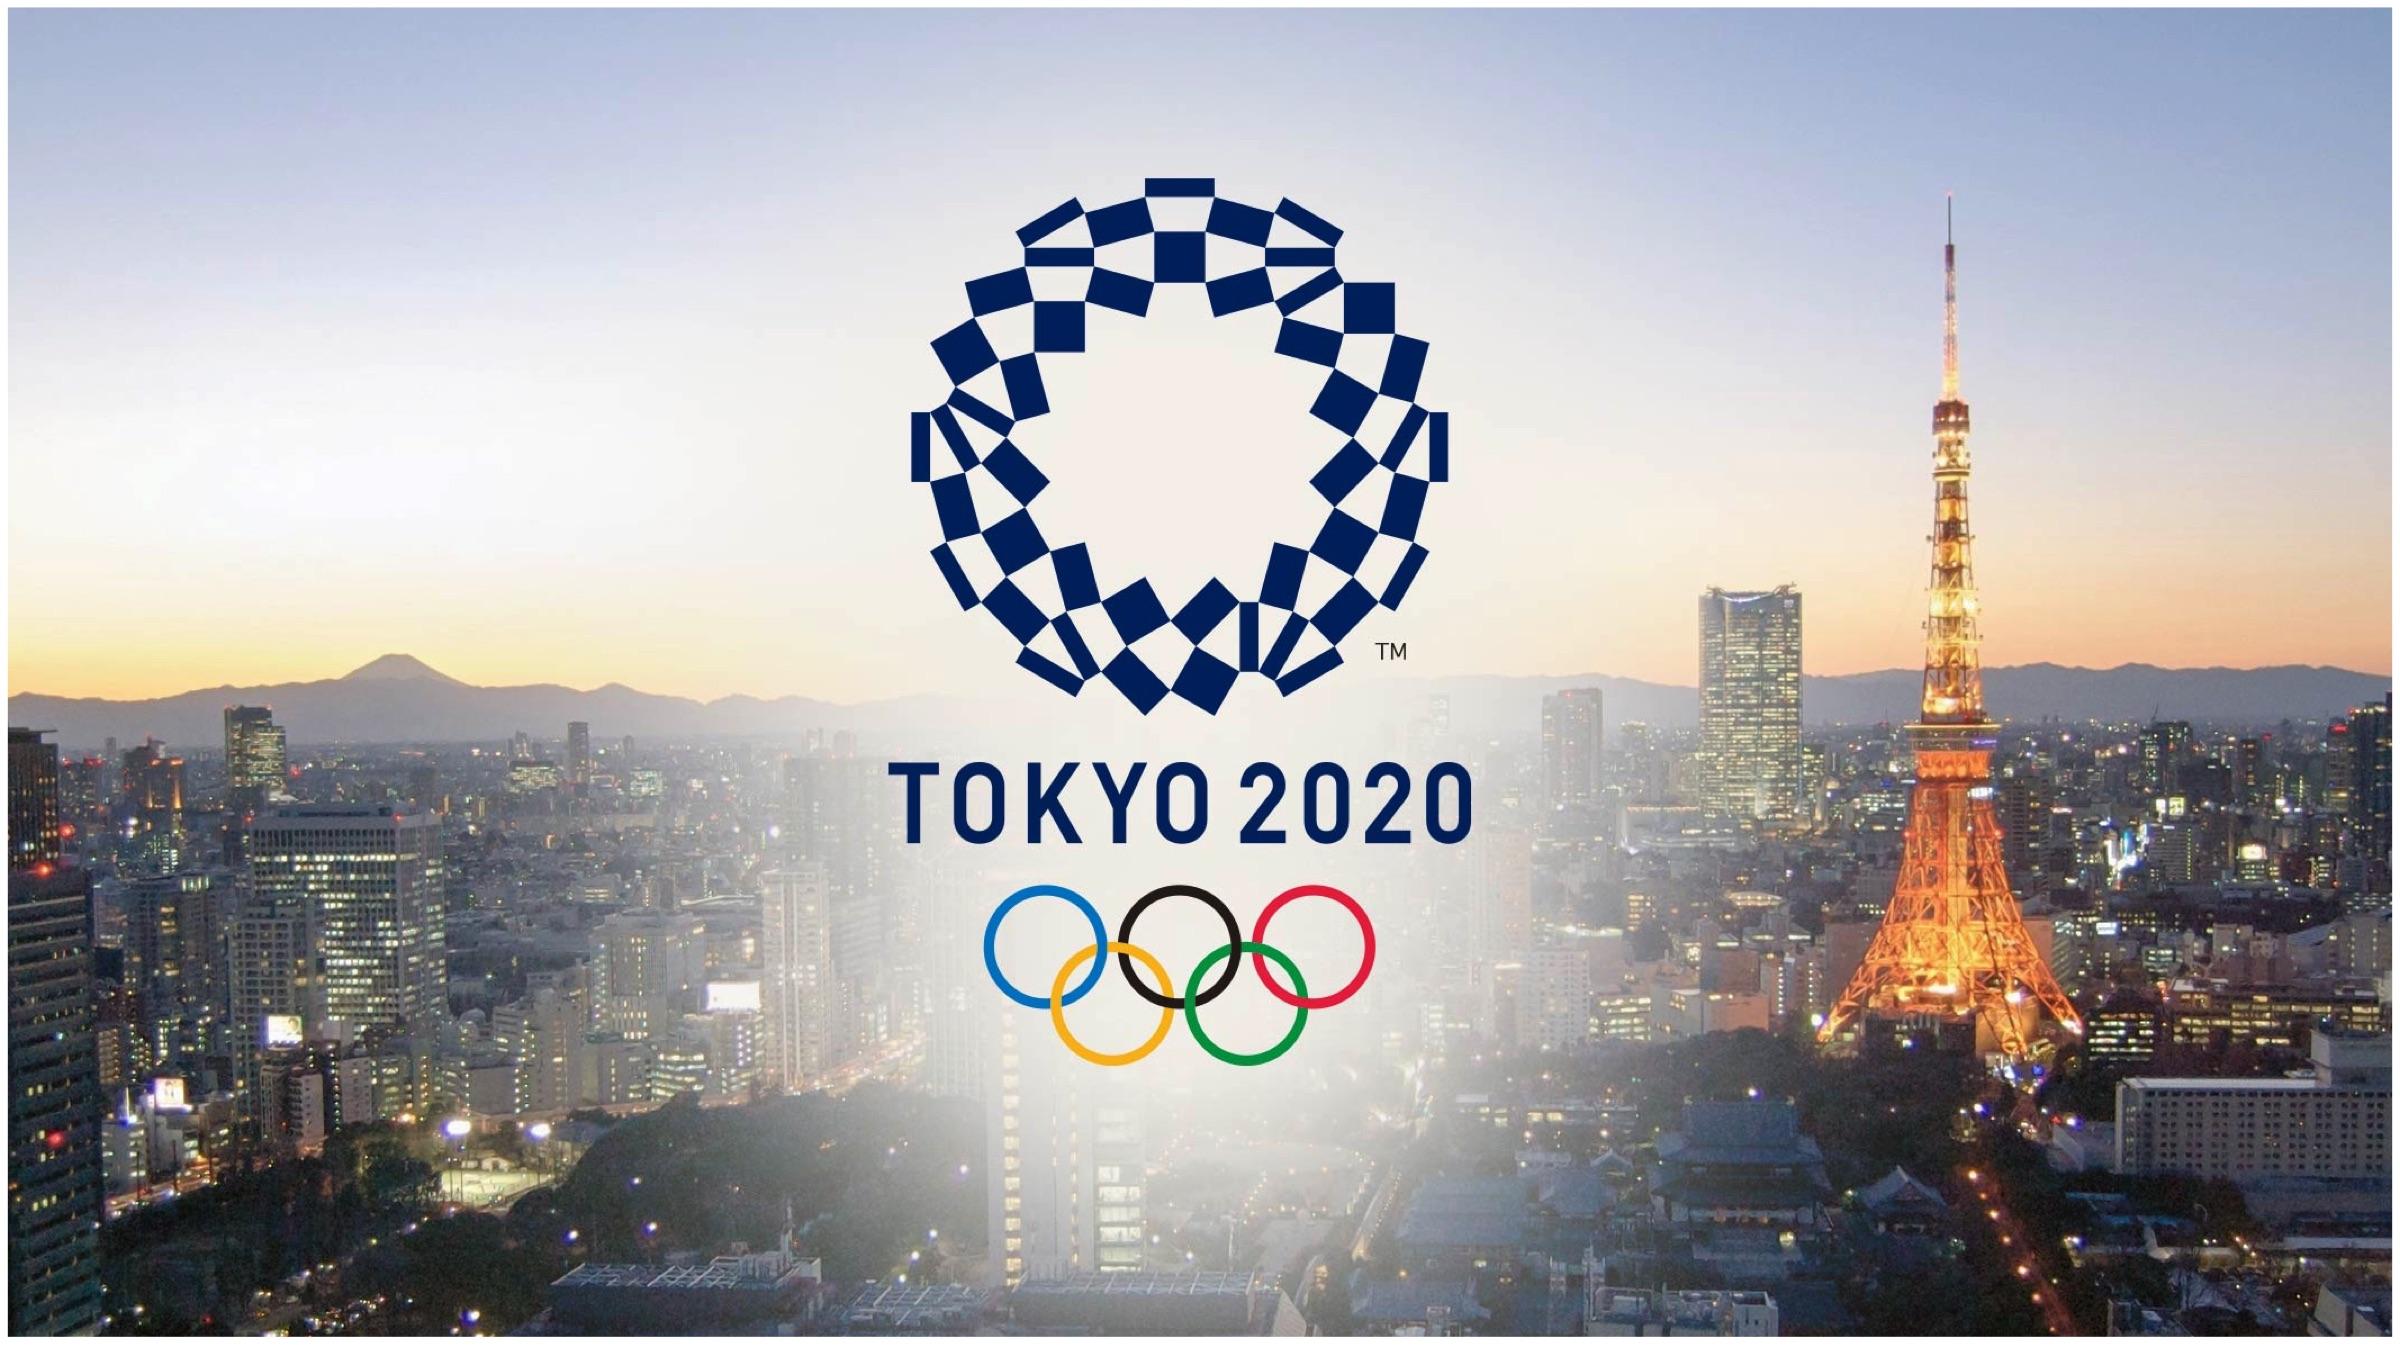 Die Medaillen für die Olympischen Spiele 2020 werden aus Gold hergestellt, das von alten Smartphones recycelt wird 4